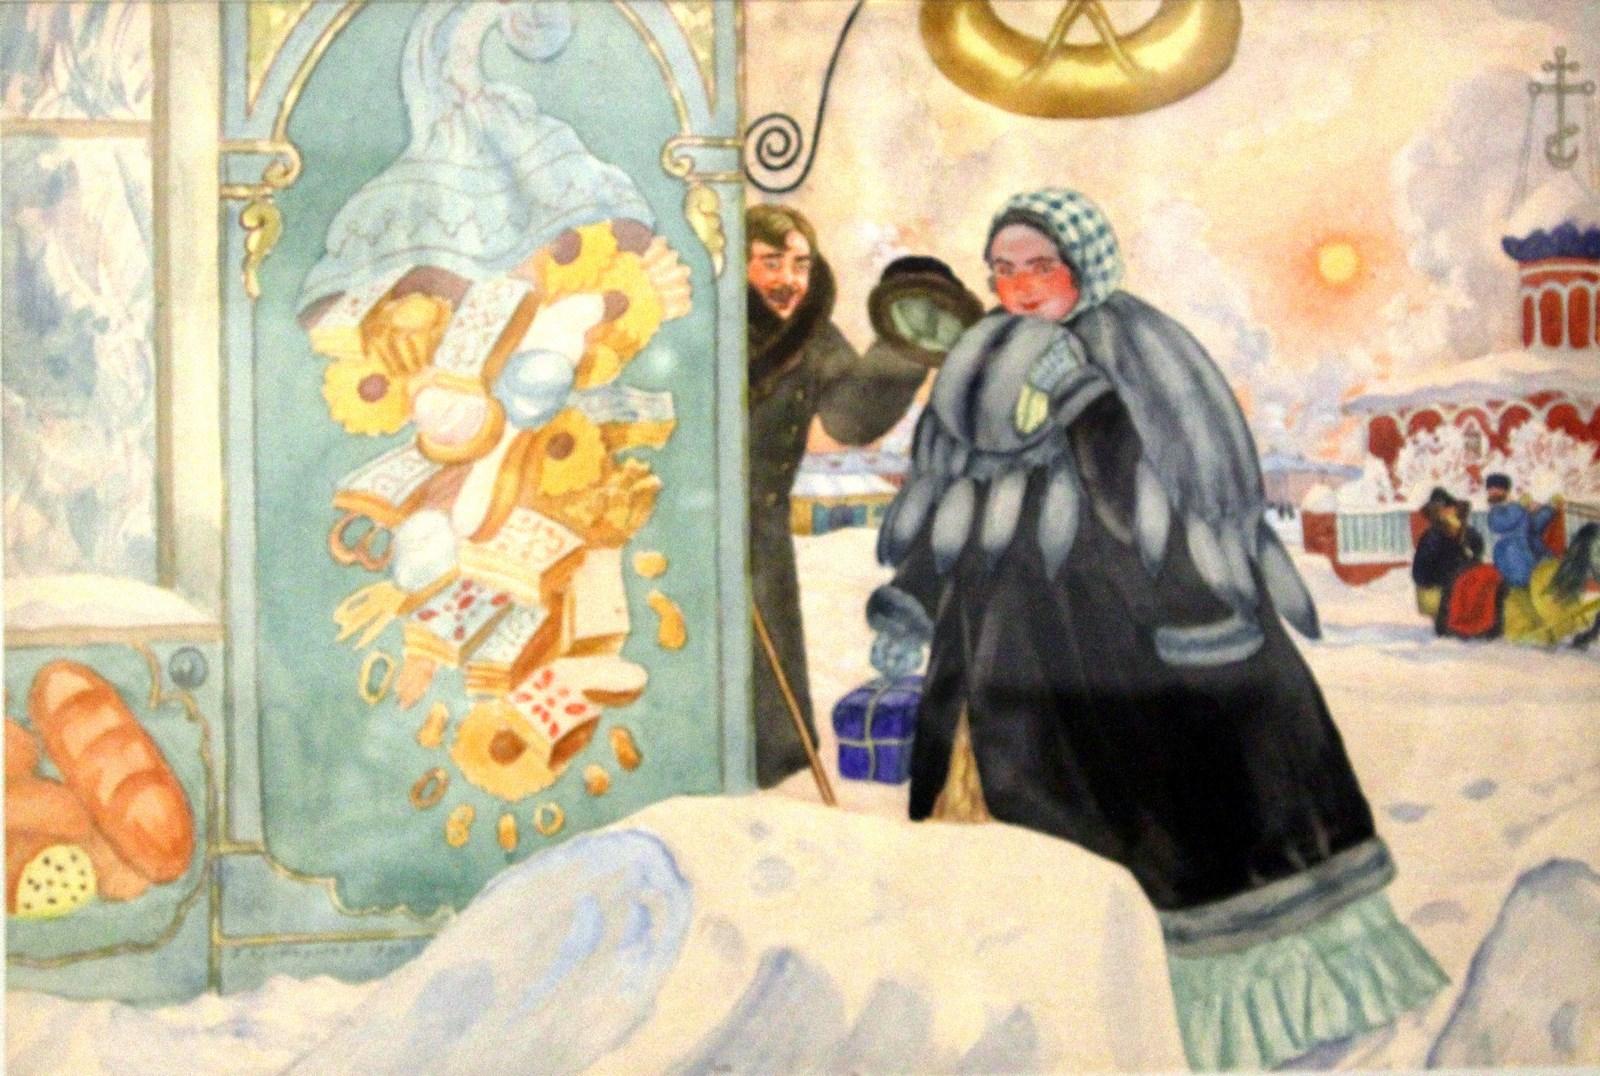 Кустодиев Б.М. 1878-1927 Встреча на углу. 1920 Бумага, акварель. Национальный художественный музей Республики Беларусь